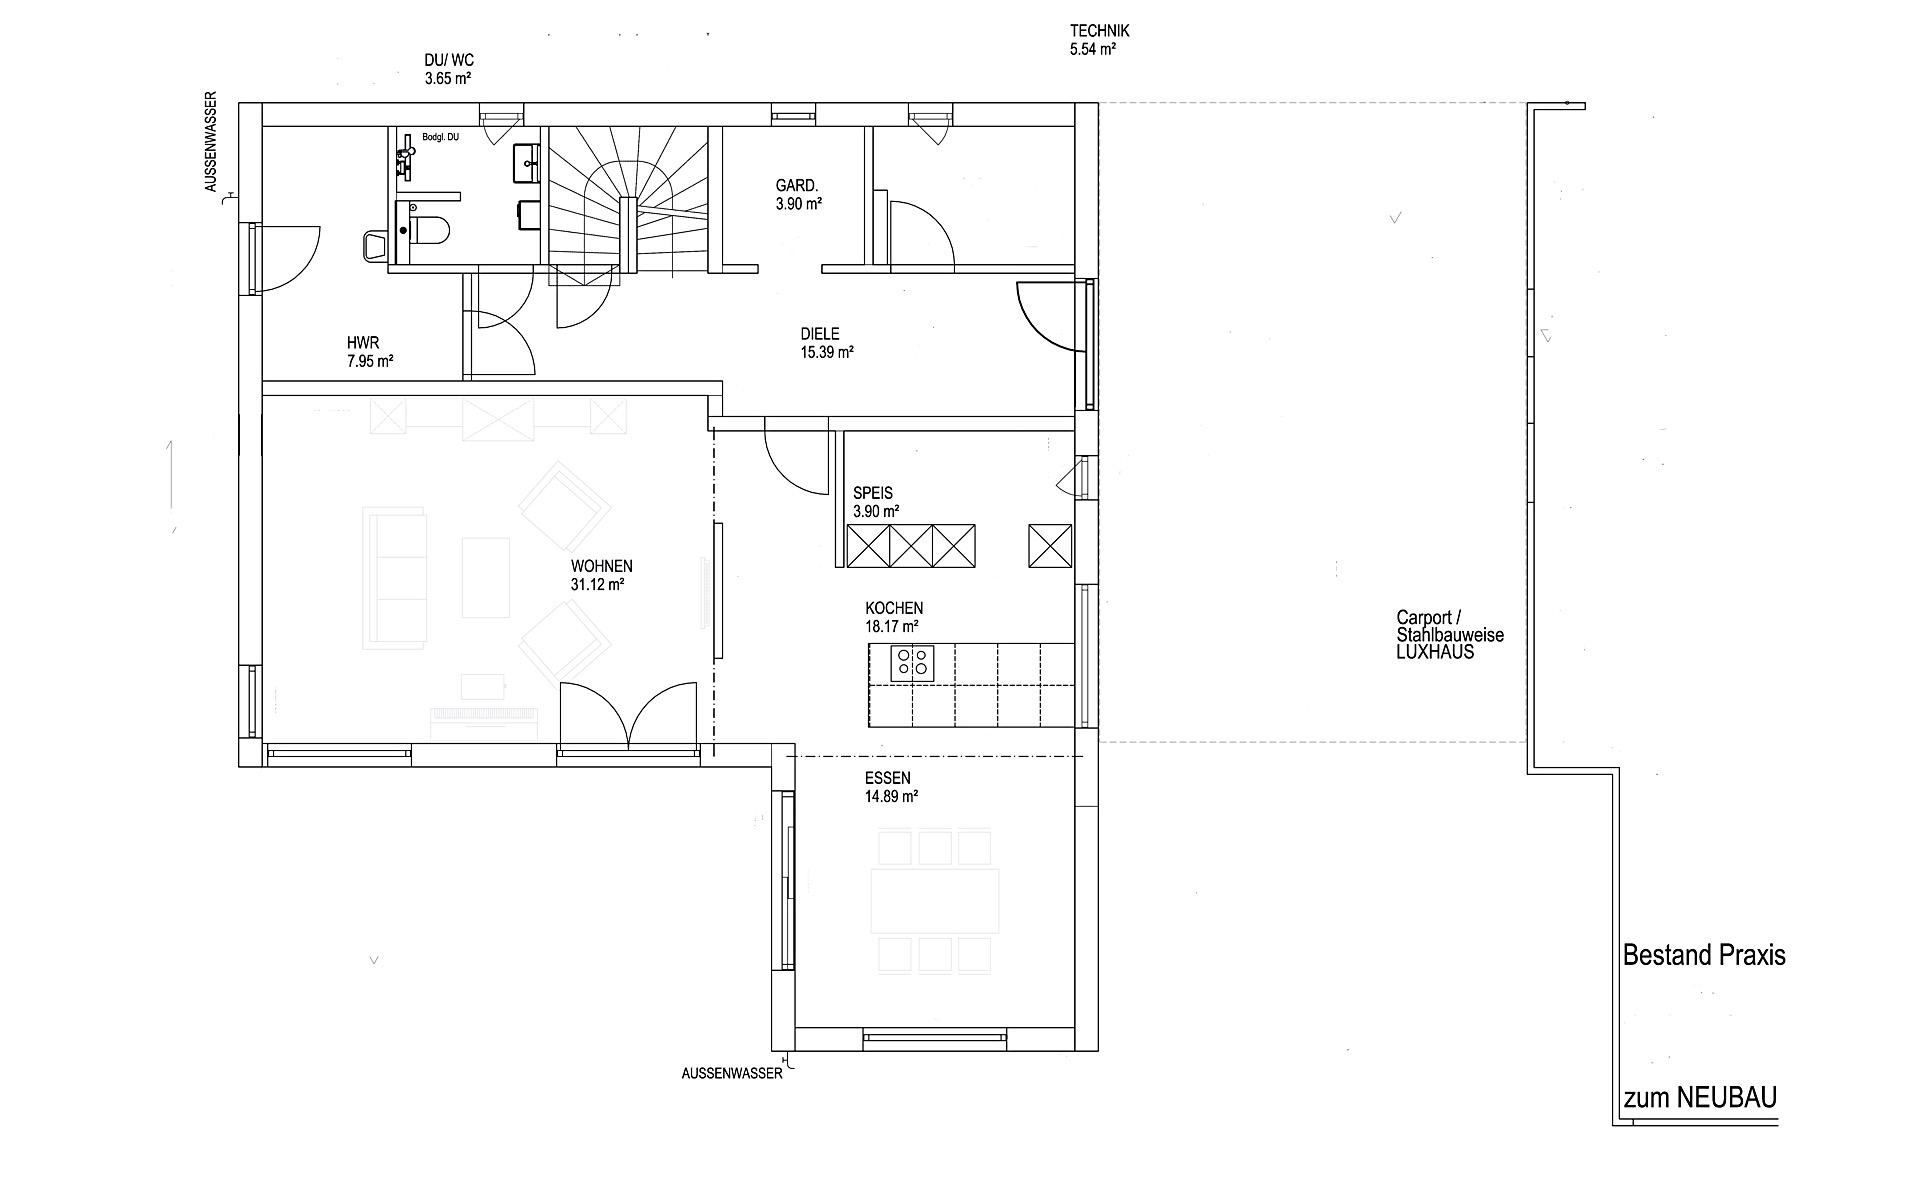 Erdgeschoss Satteldach Landhaus 200 von LUXHAUS Vertrieb GmbH & Co. KG